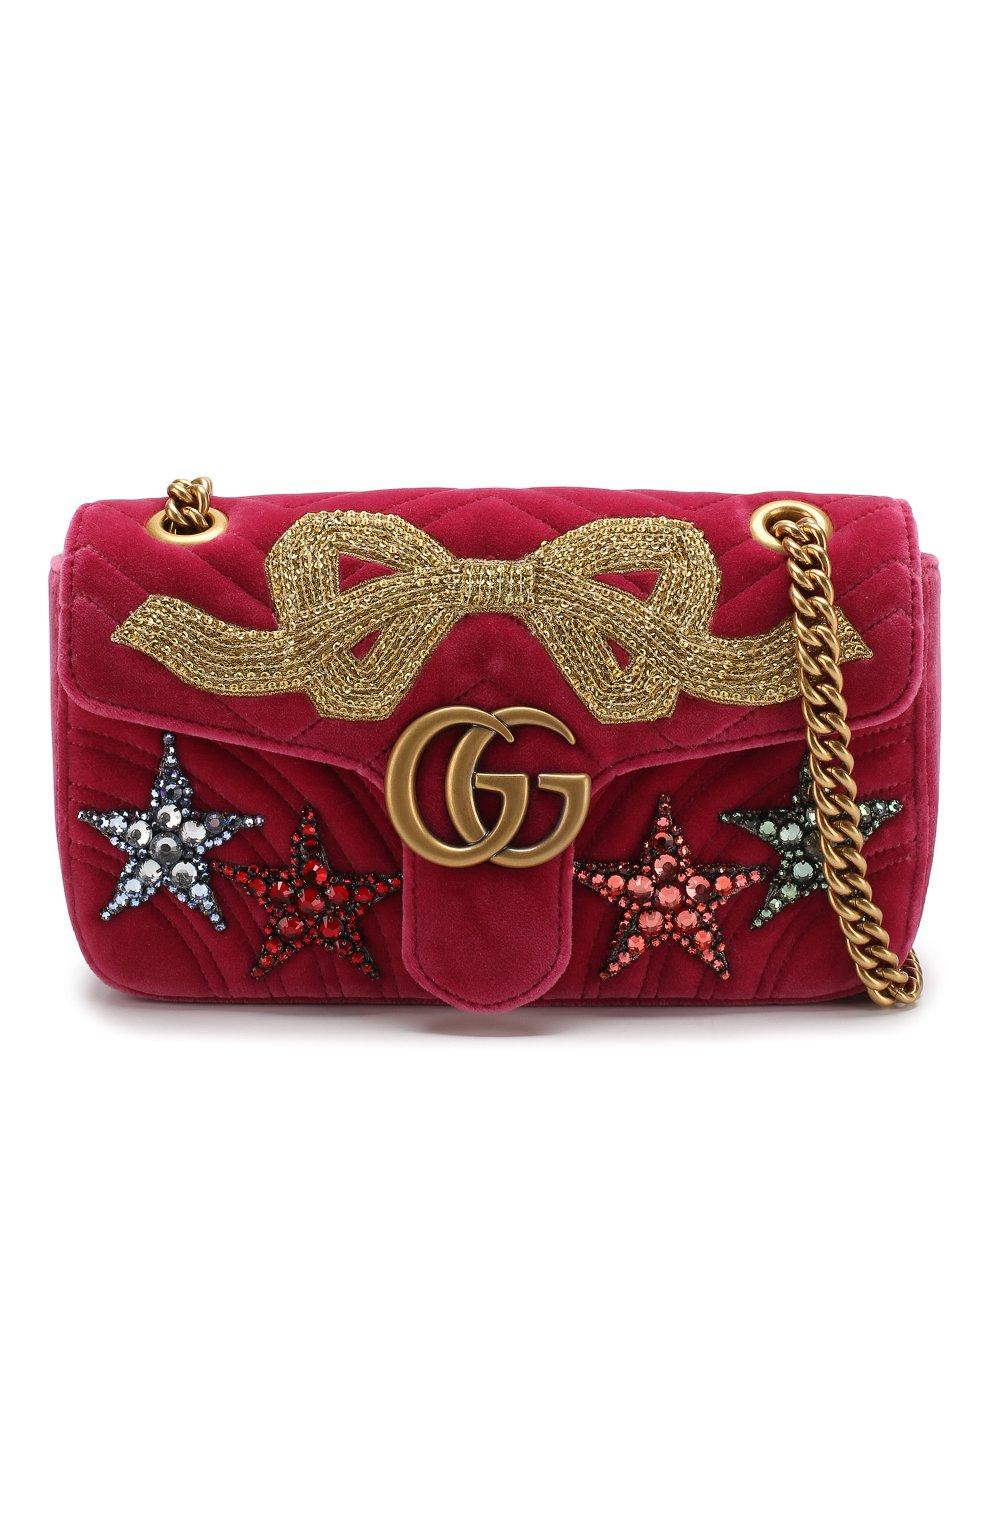 2138e7f5a5c7 Сумки Gucci по цене от 56 000 руб. купить в интернет-магазине ЦУМ